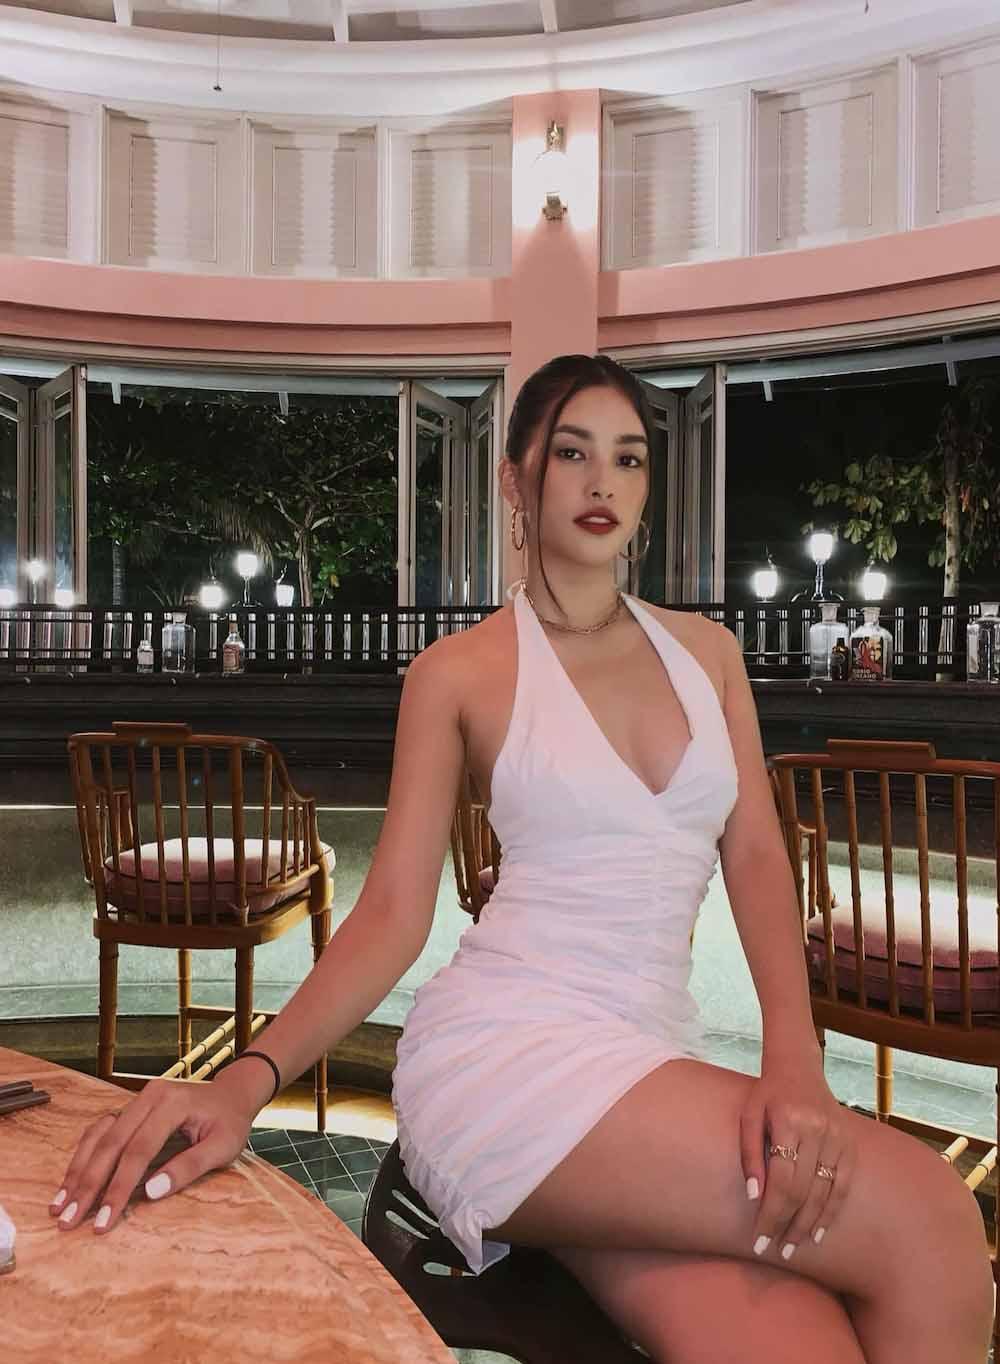 Hết nhiệm kỳ, 2 Hoa hậu nổi tiếng ngoan hiền nhất Vbiz đều amp;#34;xả vaiamp;#34;, mê váy áo hở bạo - 15